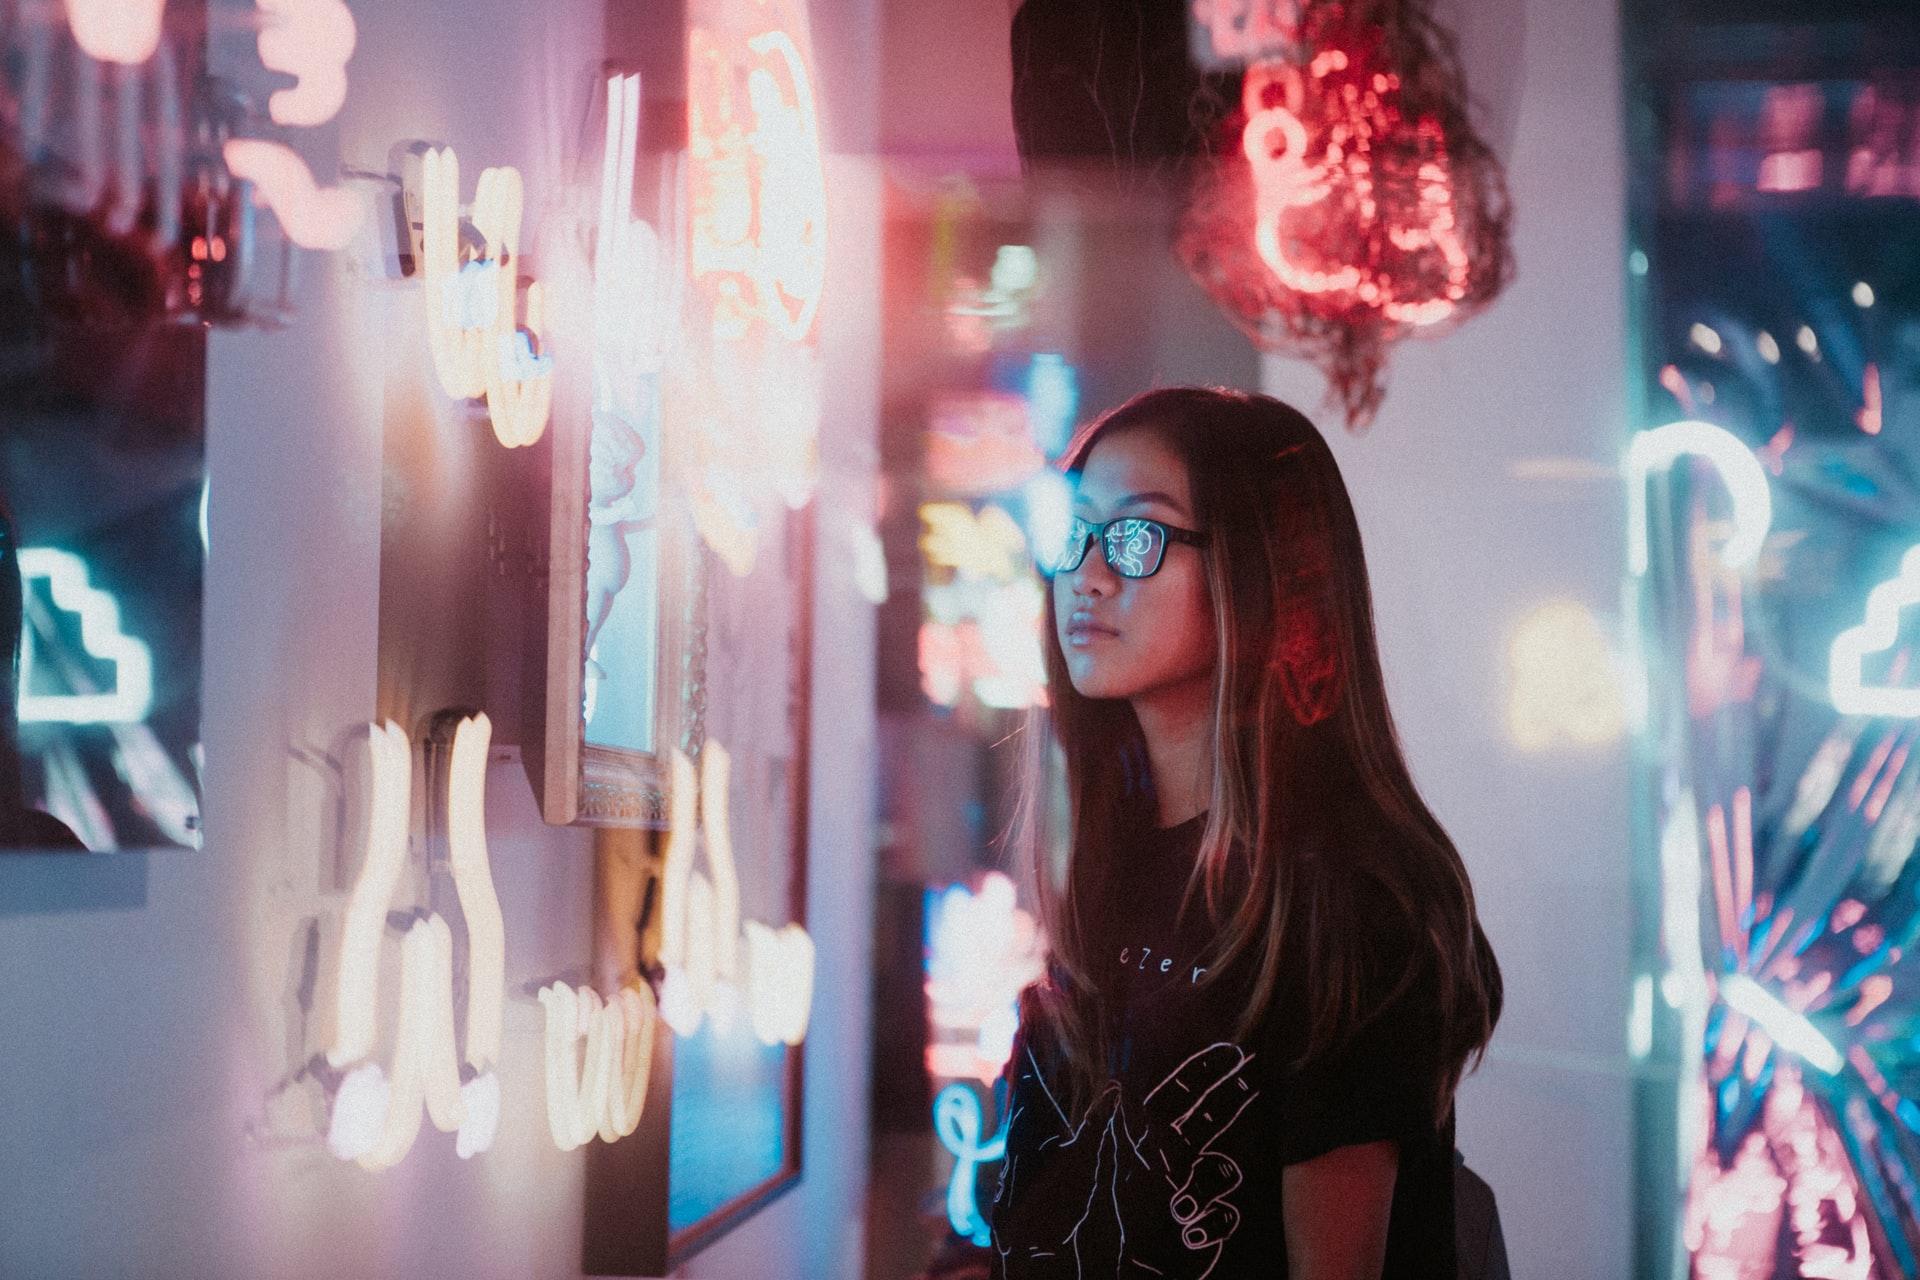 Frau steht neben Neon Zeichen